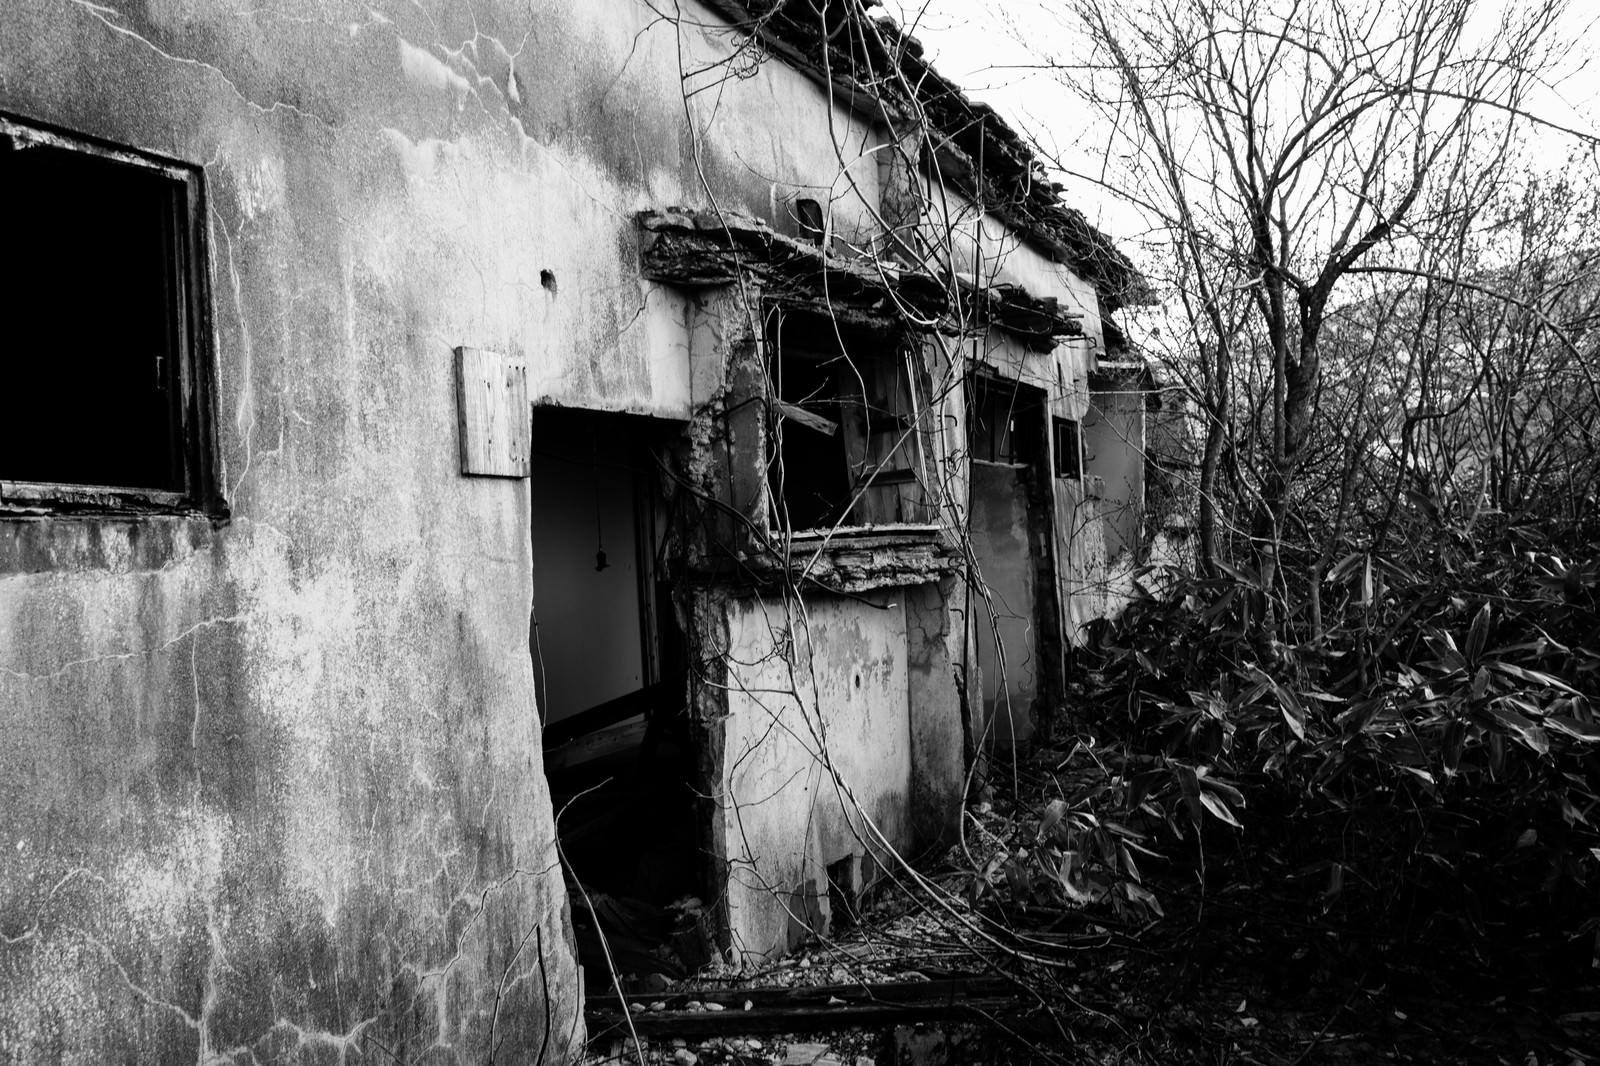 「松尾鉱山廃墟の朽ちた入り口」の写真